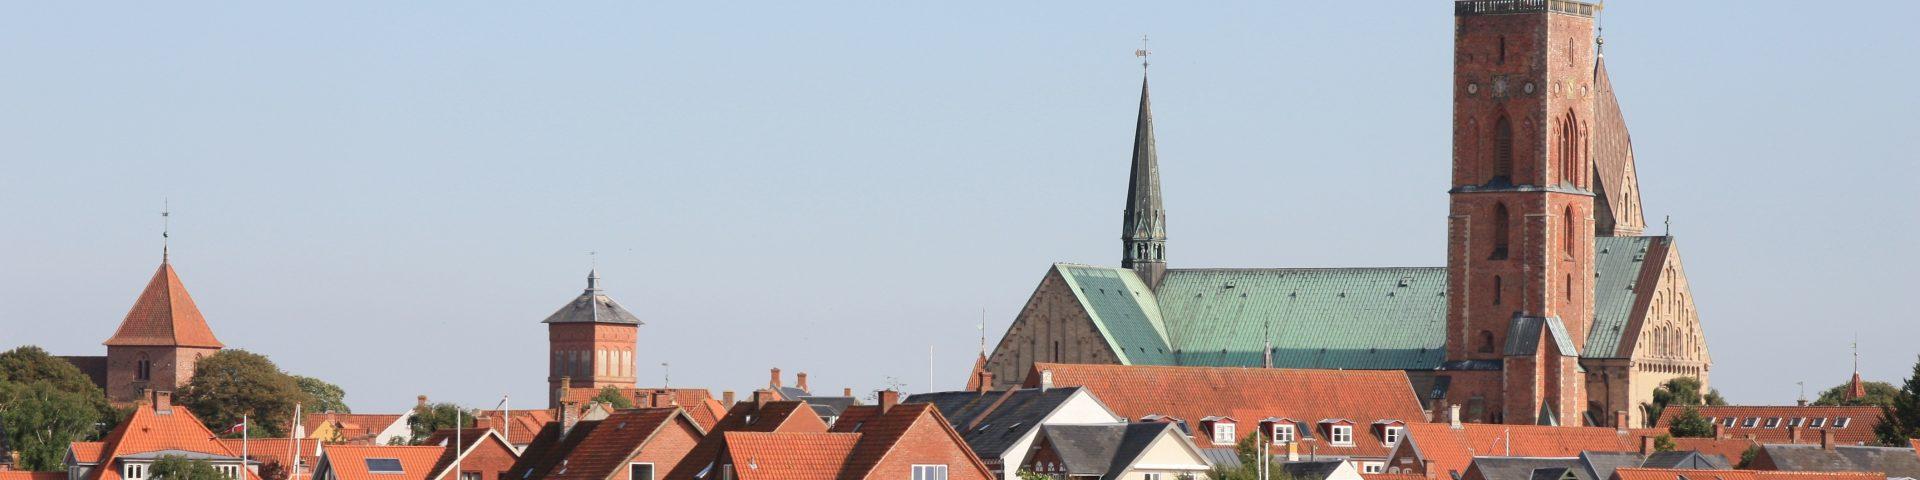 Ribe Stadtansicht meine lieblingsstadt im Norden